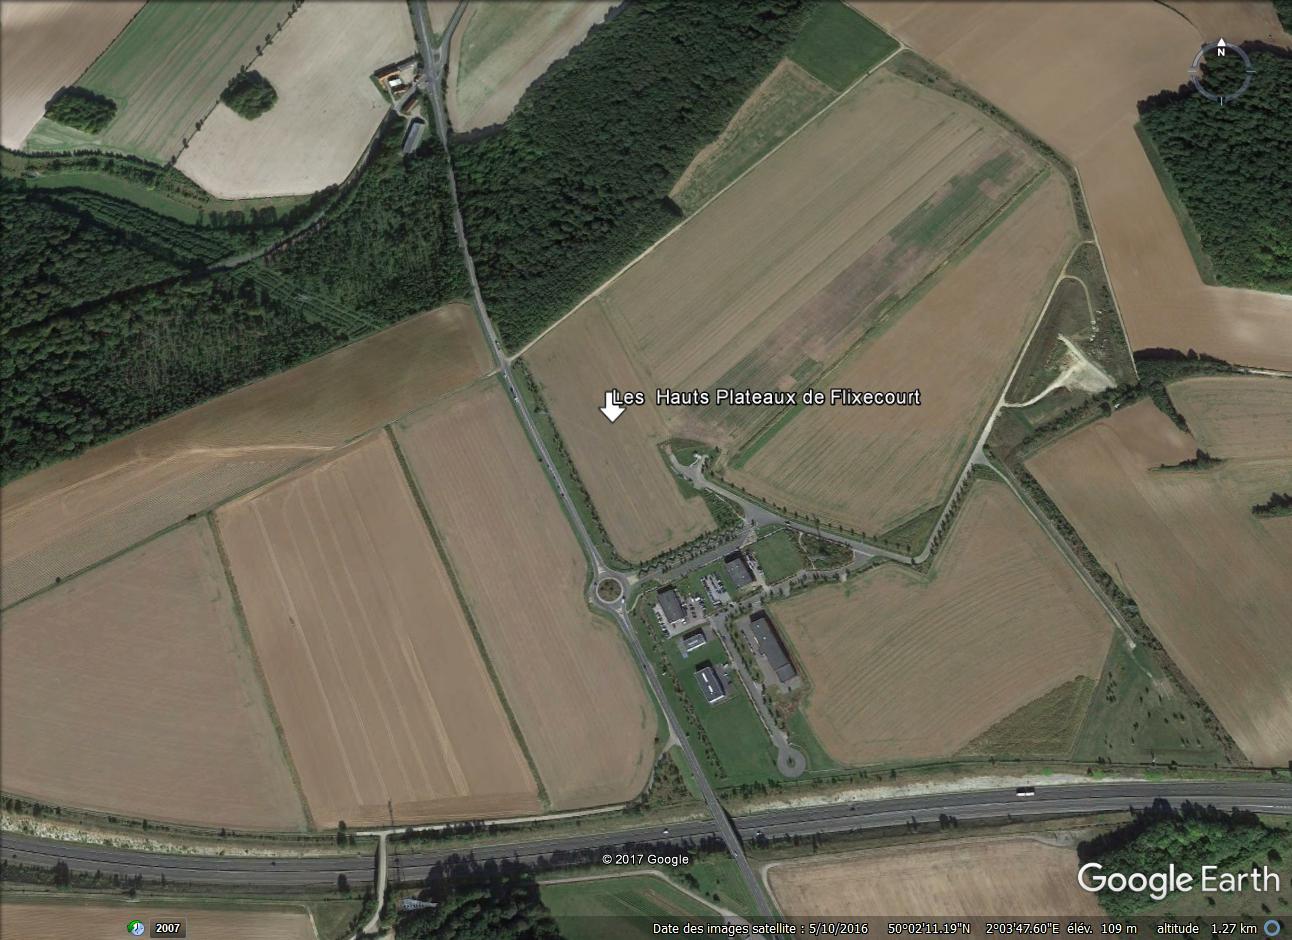 [Bientôt visible] Plateforme logistique à Flixecourt, Somme Hauts_10